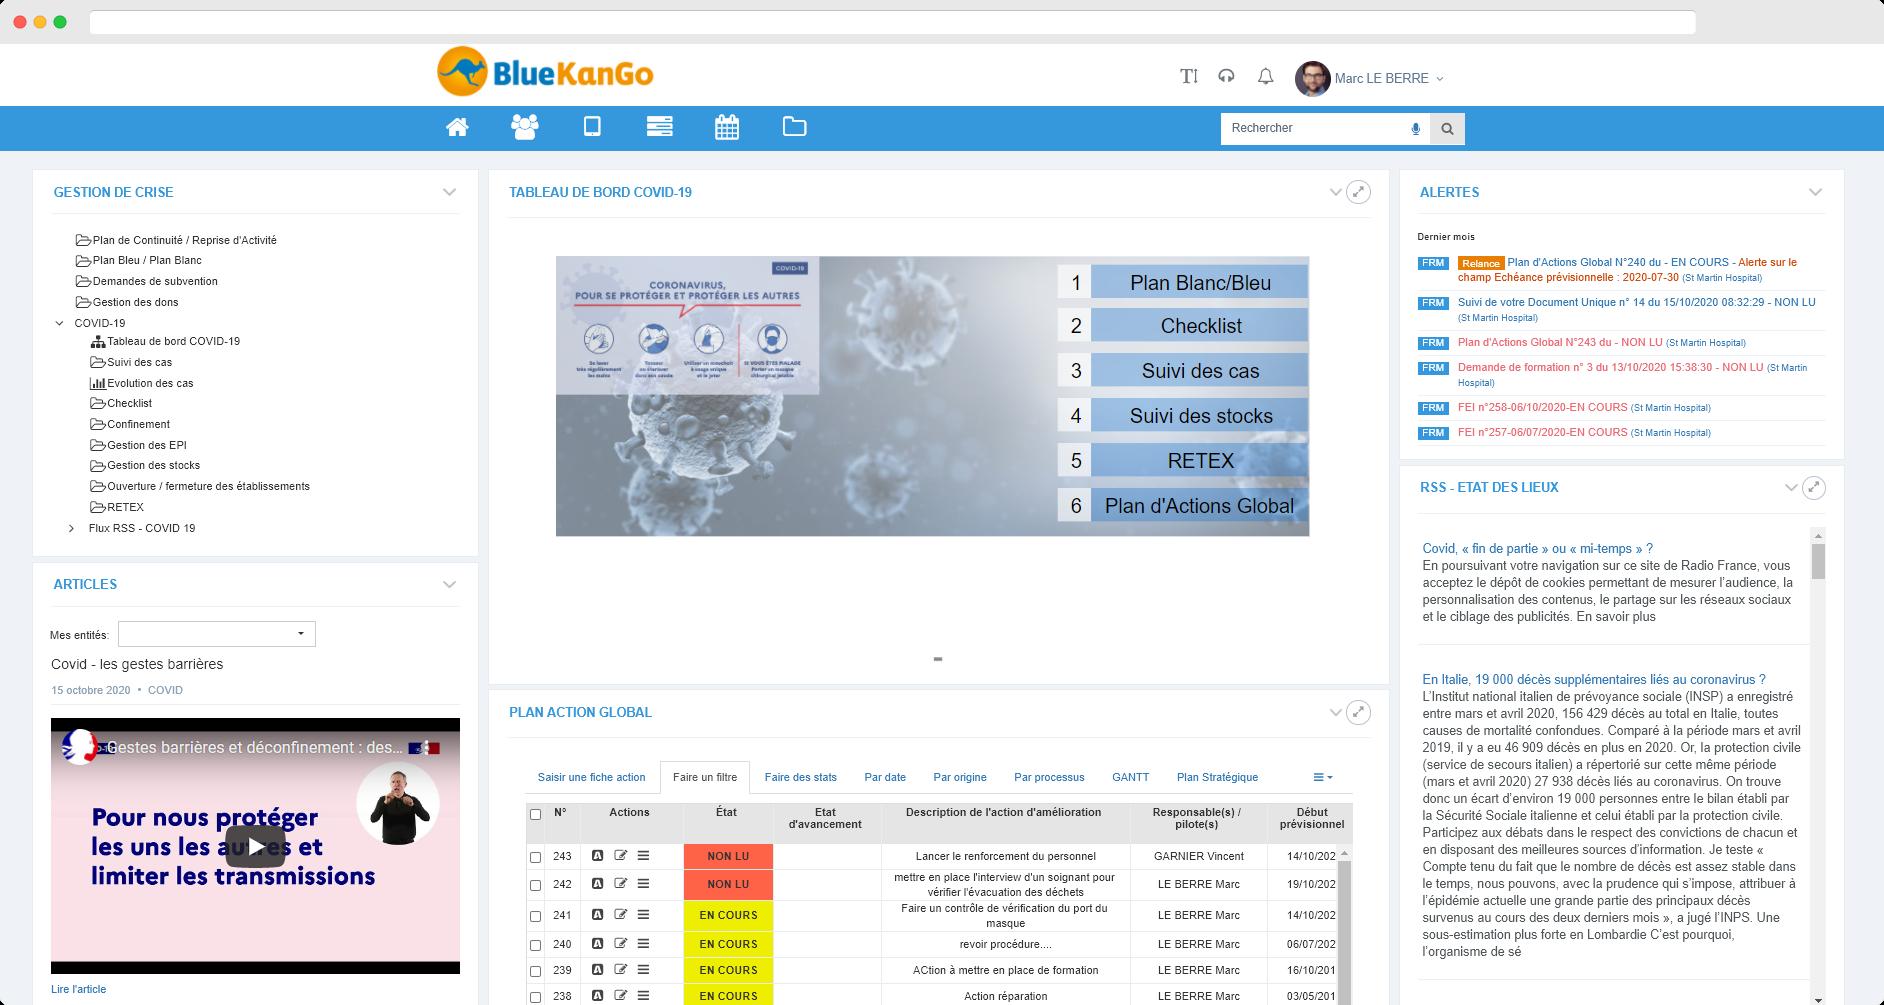 Capture d'écran du tableau de bord de la plateforme BlueKanGo concernant le module Covid-19